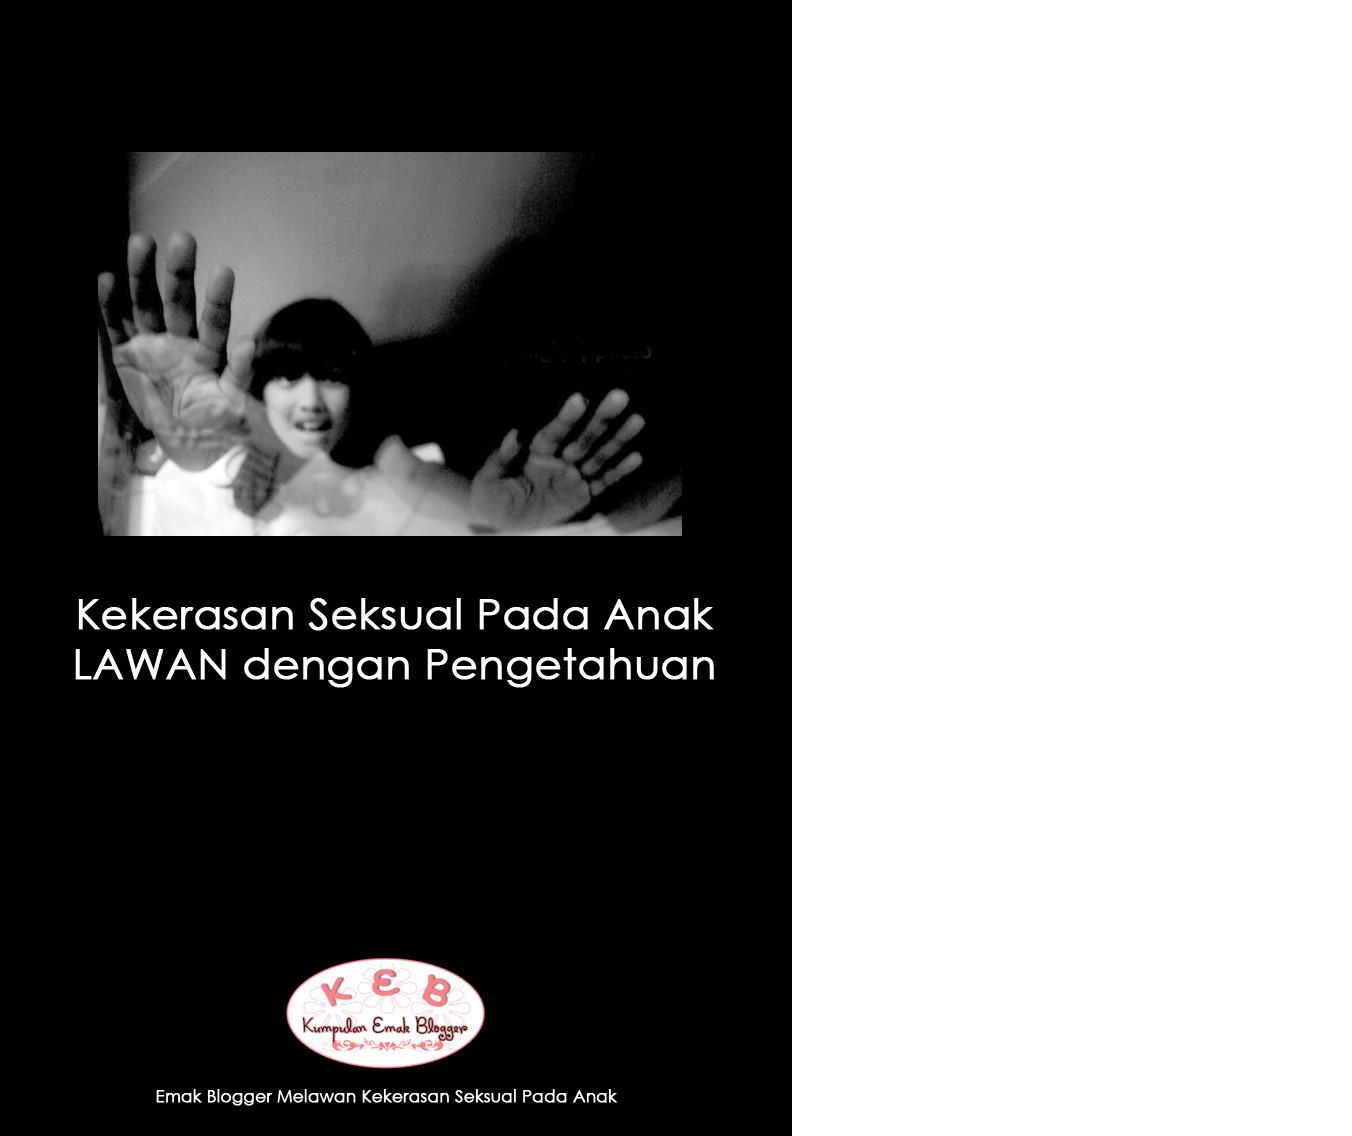 Lawan Kekerasan Seksual pada Anak